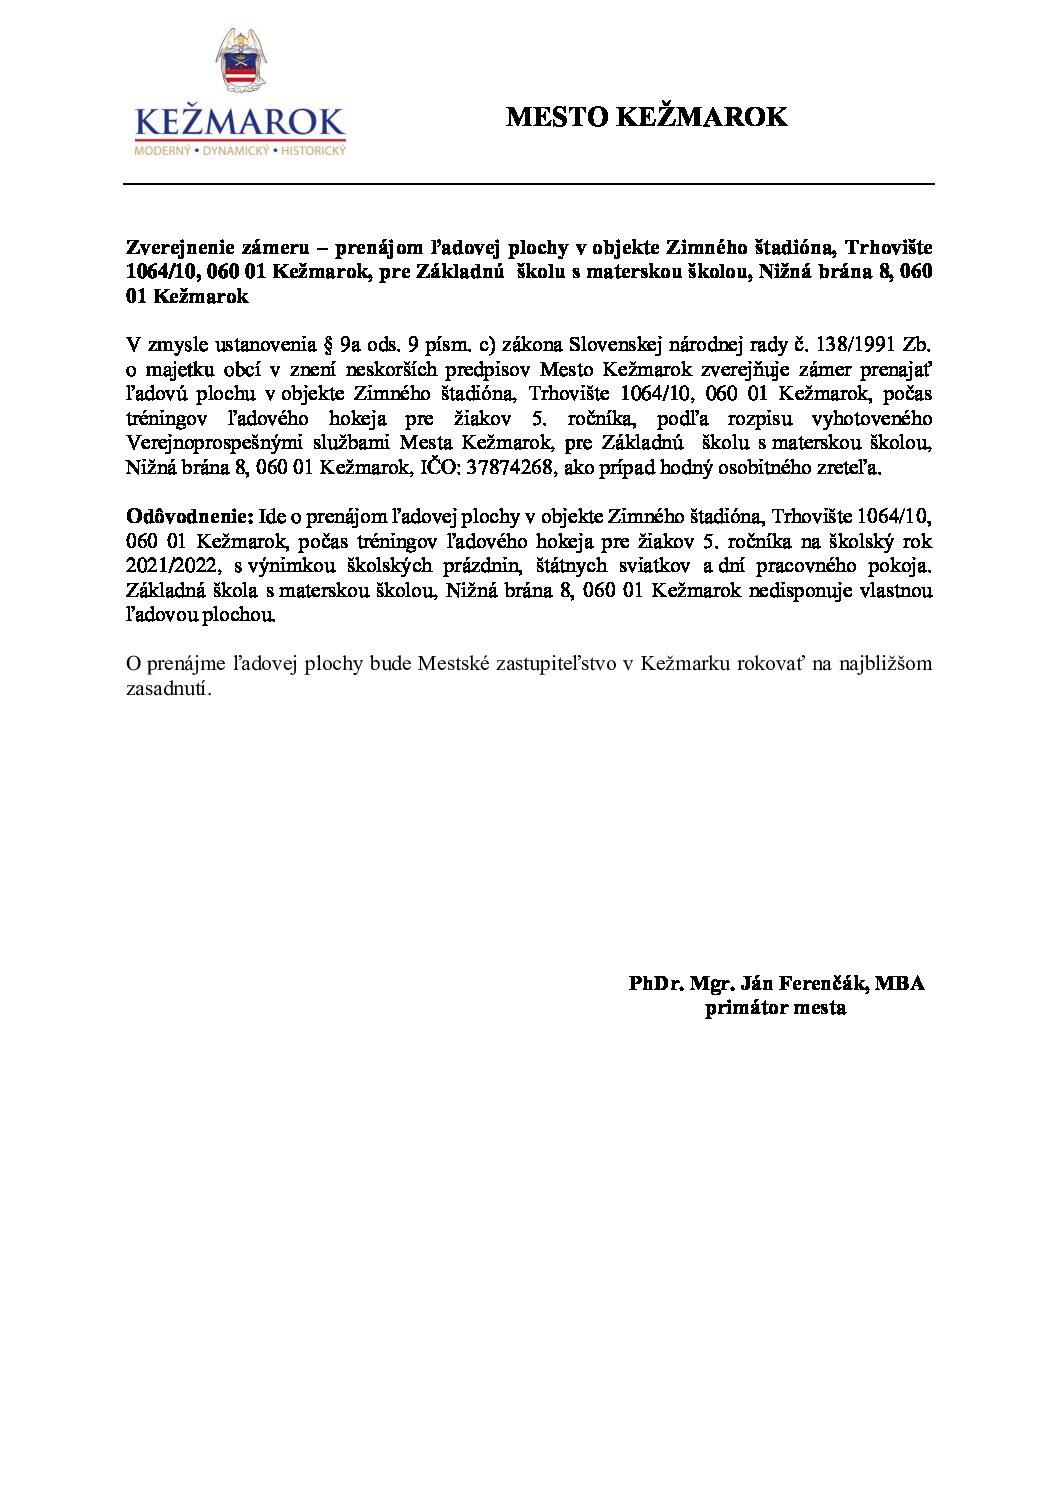 Zverejnenie zámeru - prenájom ľadovej plochy v objekte Zimného štadióna pre ZŠ